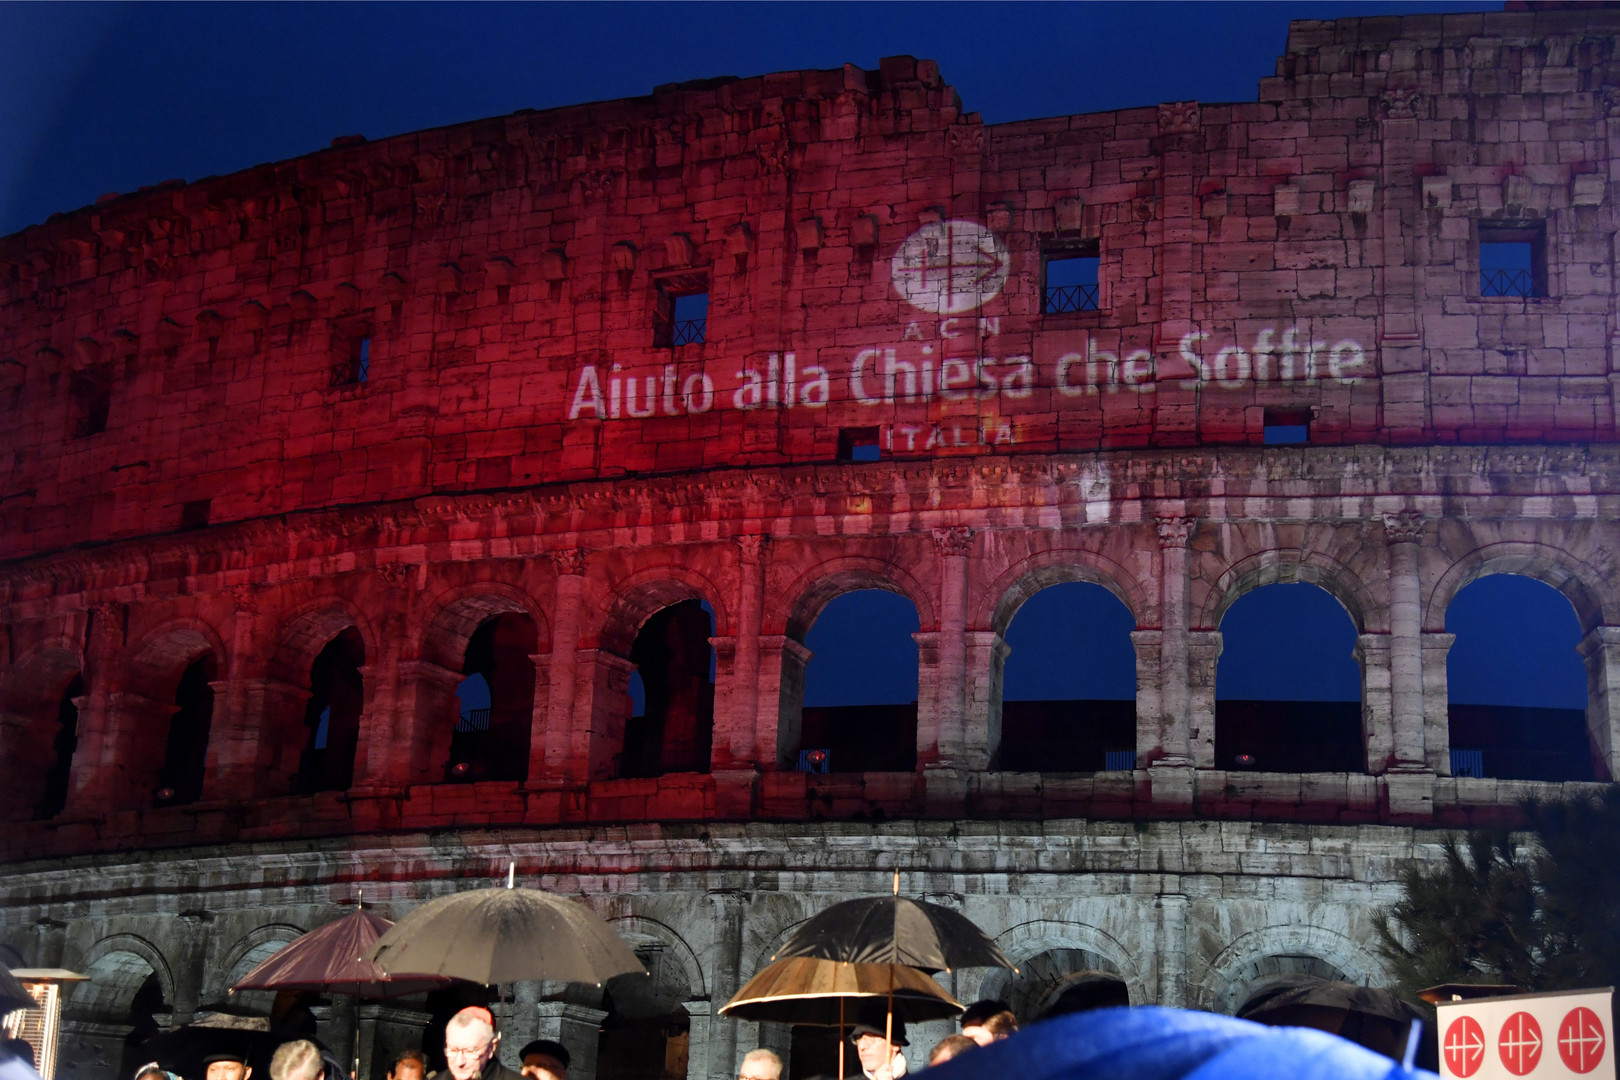 Le Colisée de Rome illuminé en rouge en hommage aux chrétiens persécutés dans le monde (VIDEO)